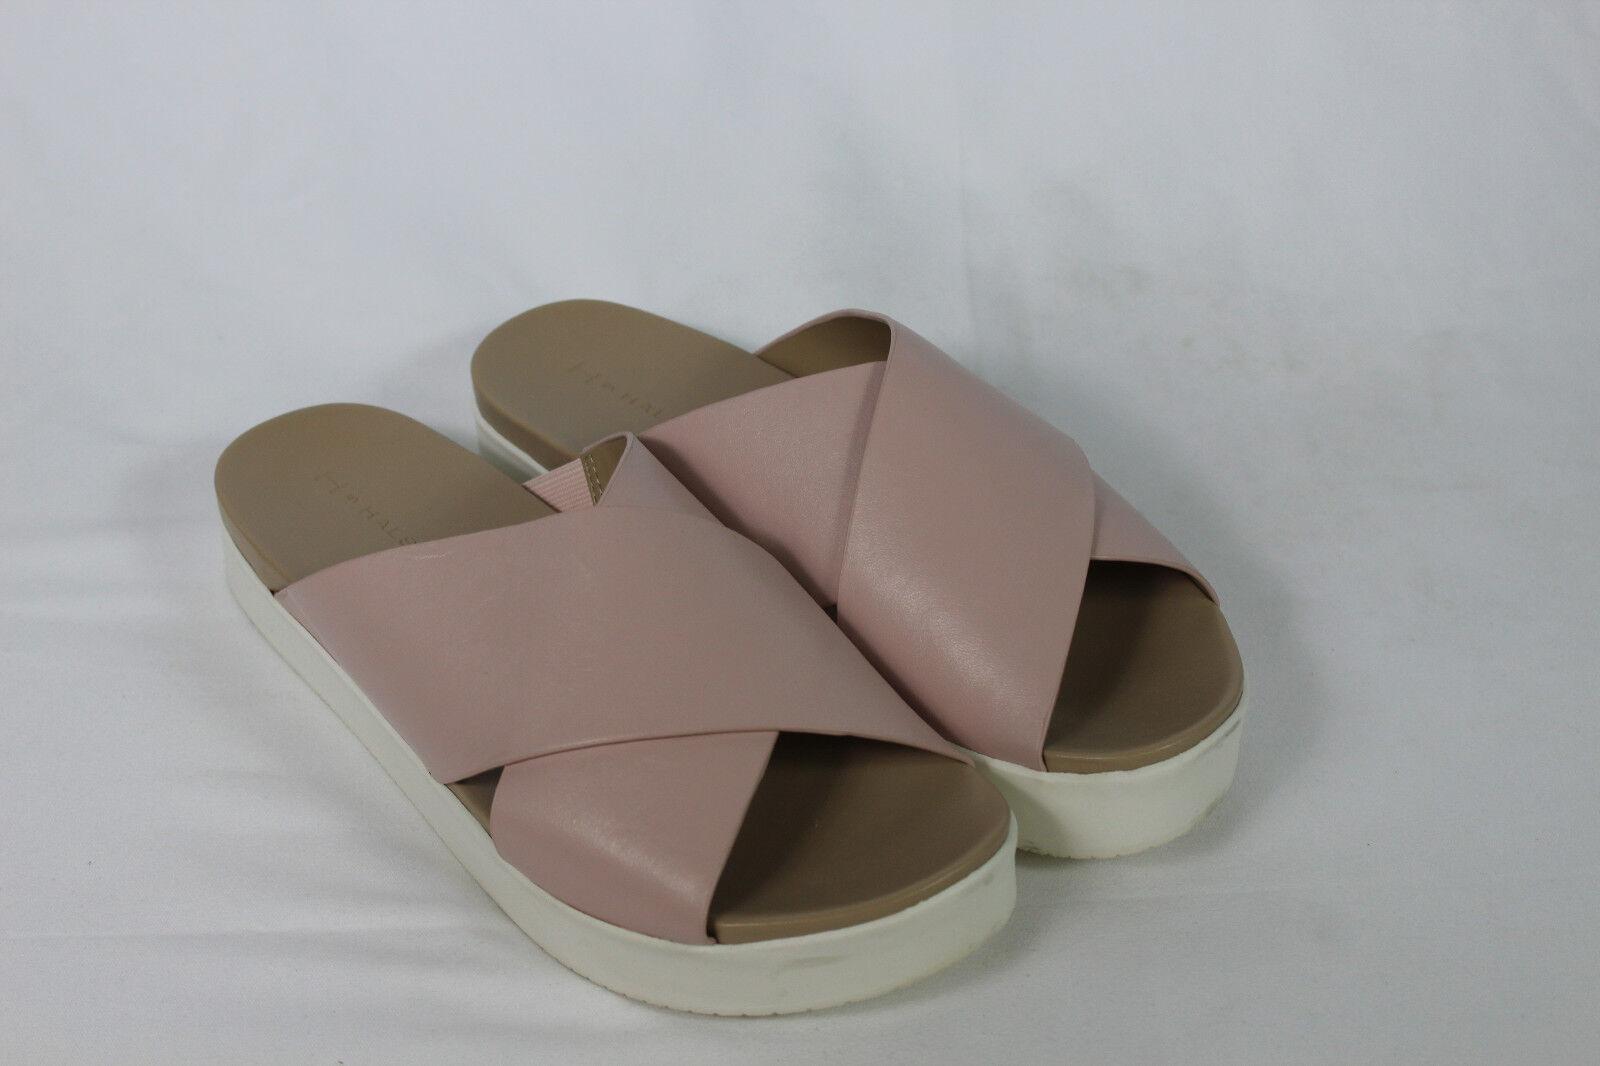 H by Platform Halston Leather Criss- Cross Platform by Sandals - Rosie pick size color 92e96d